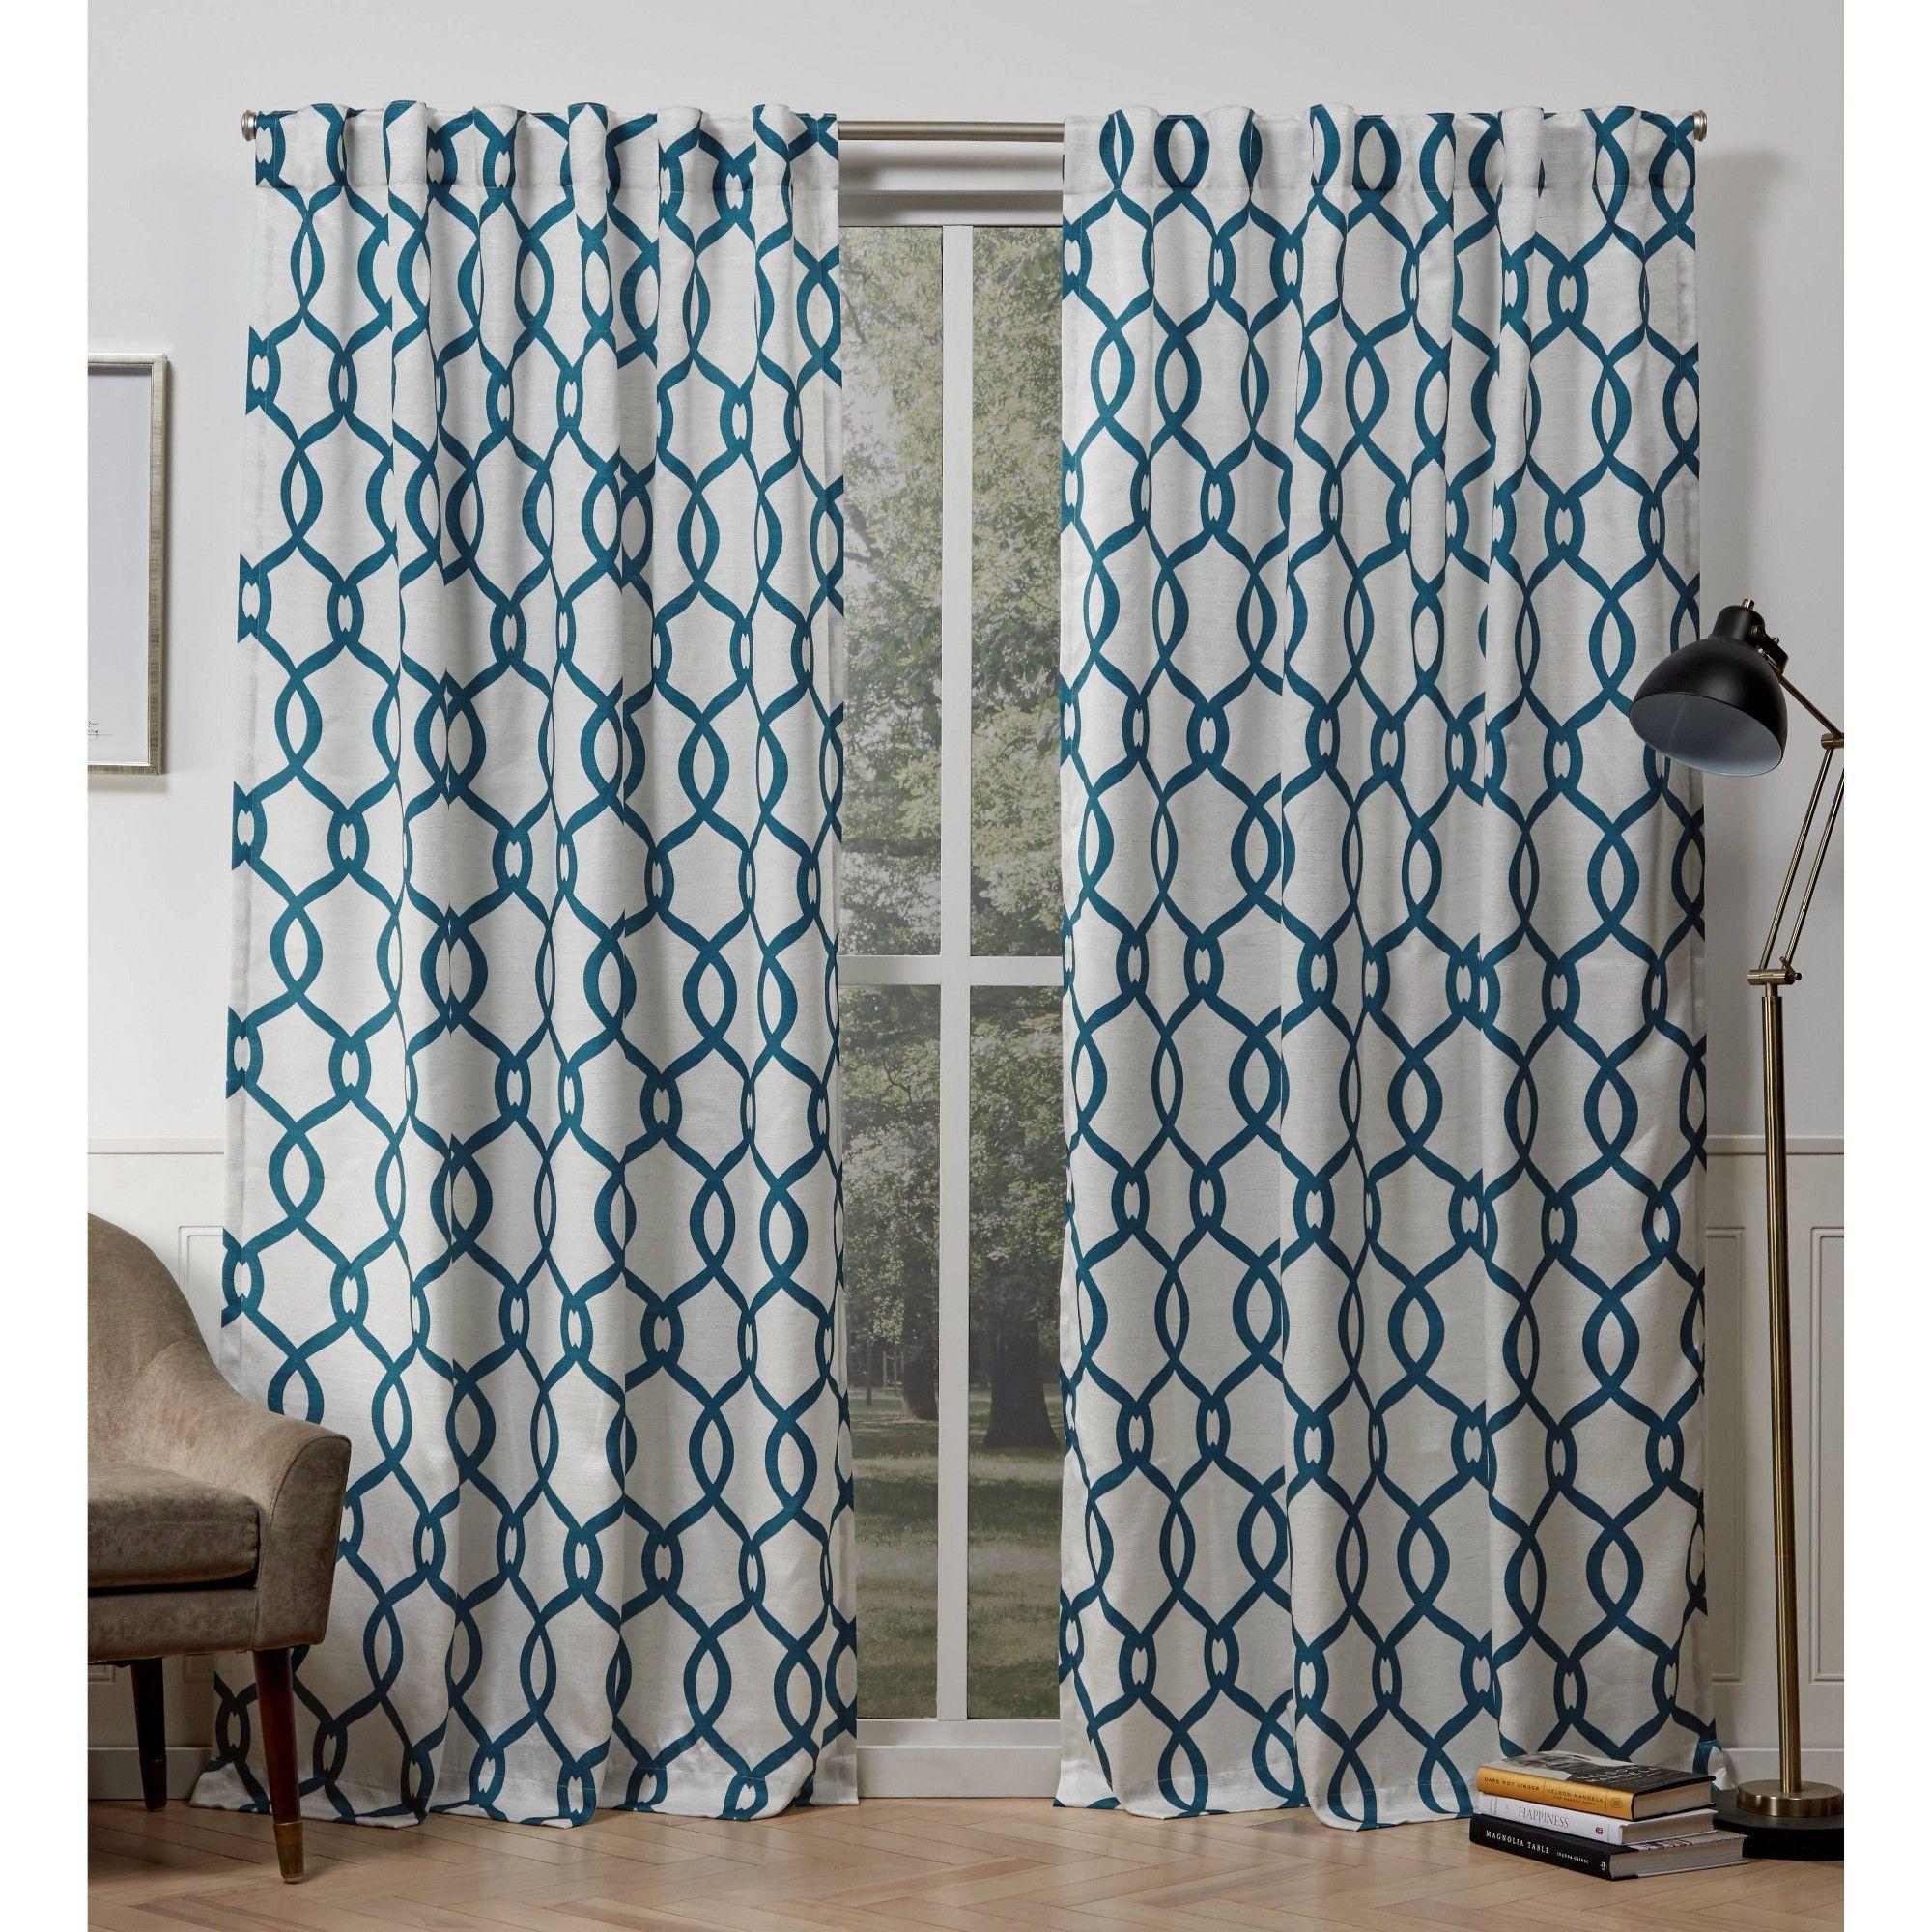 54 X96 Kochi Back Tab Light Filtering Window Curtain Panels Teal